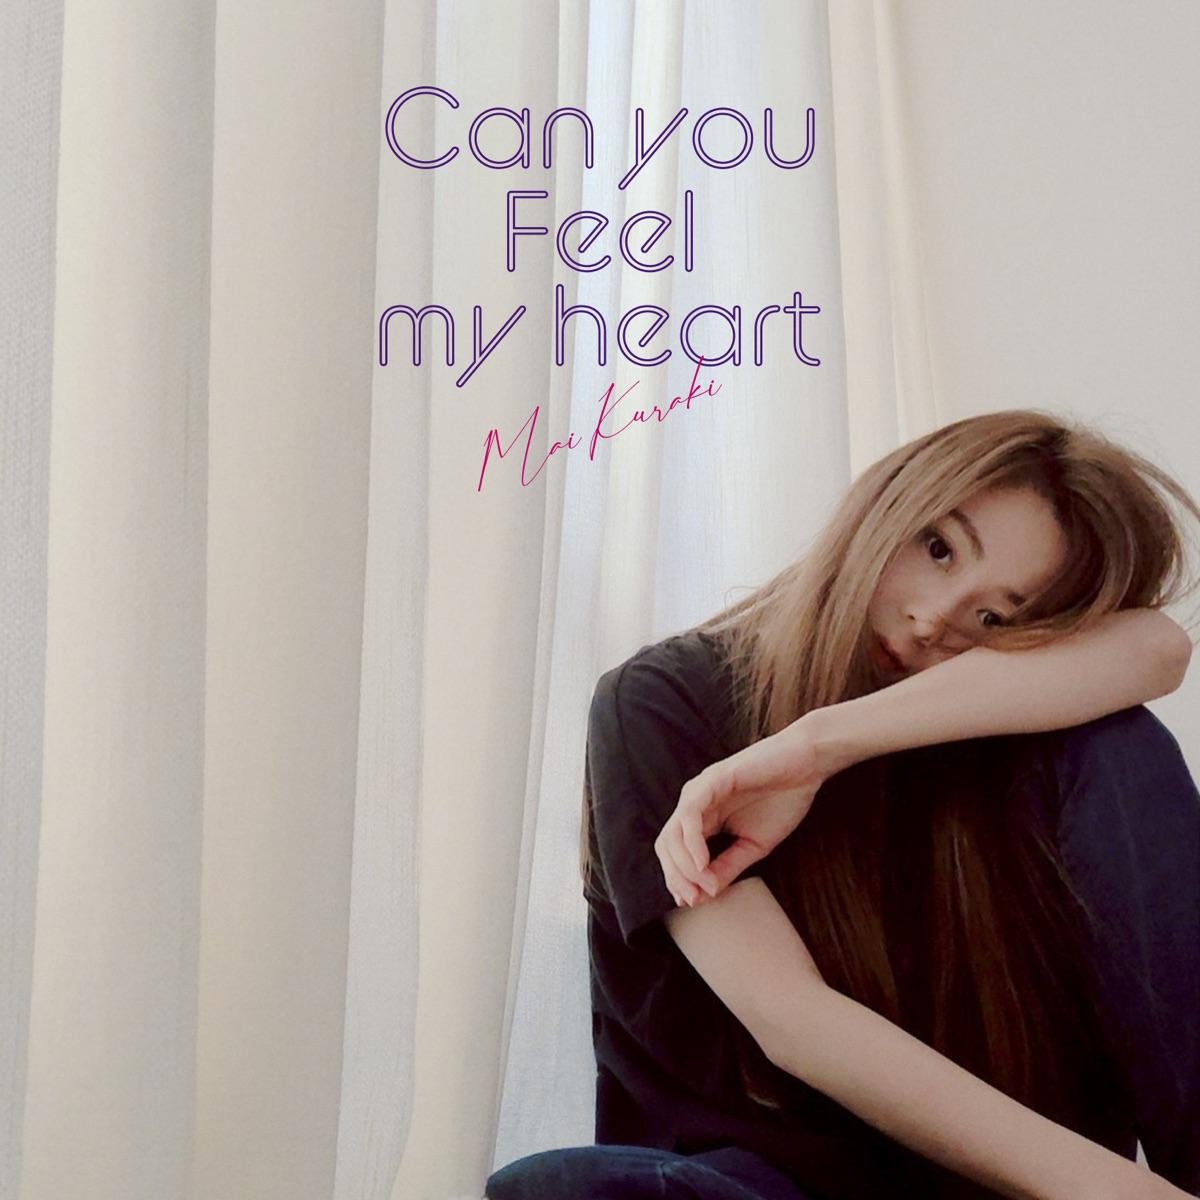 『倉木麻衣 - Can you feel my heart』収録の『Can you feel my heart』ジャケット